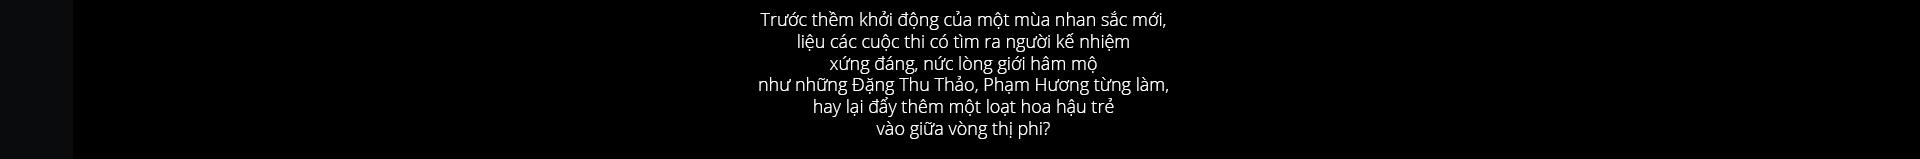 Vương miện hoa hậu Việt - giá trị thật ở đâu?